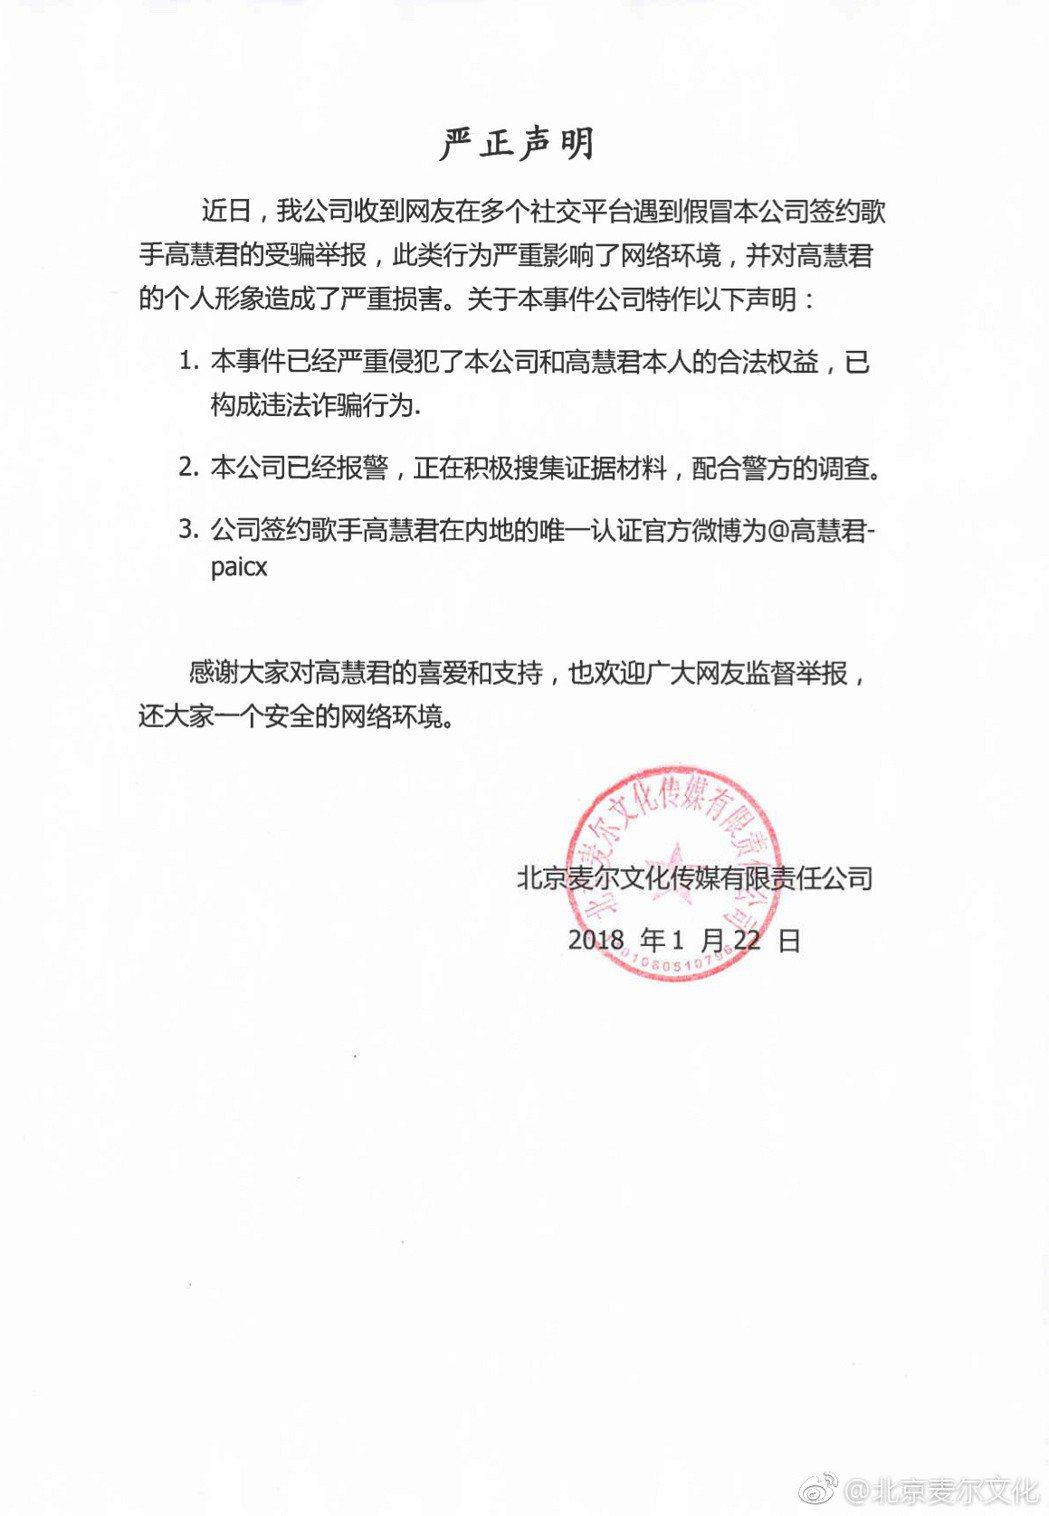 公司發聲明表示已報警。圖/擷自微博